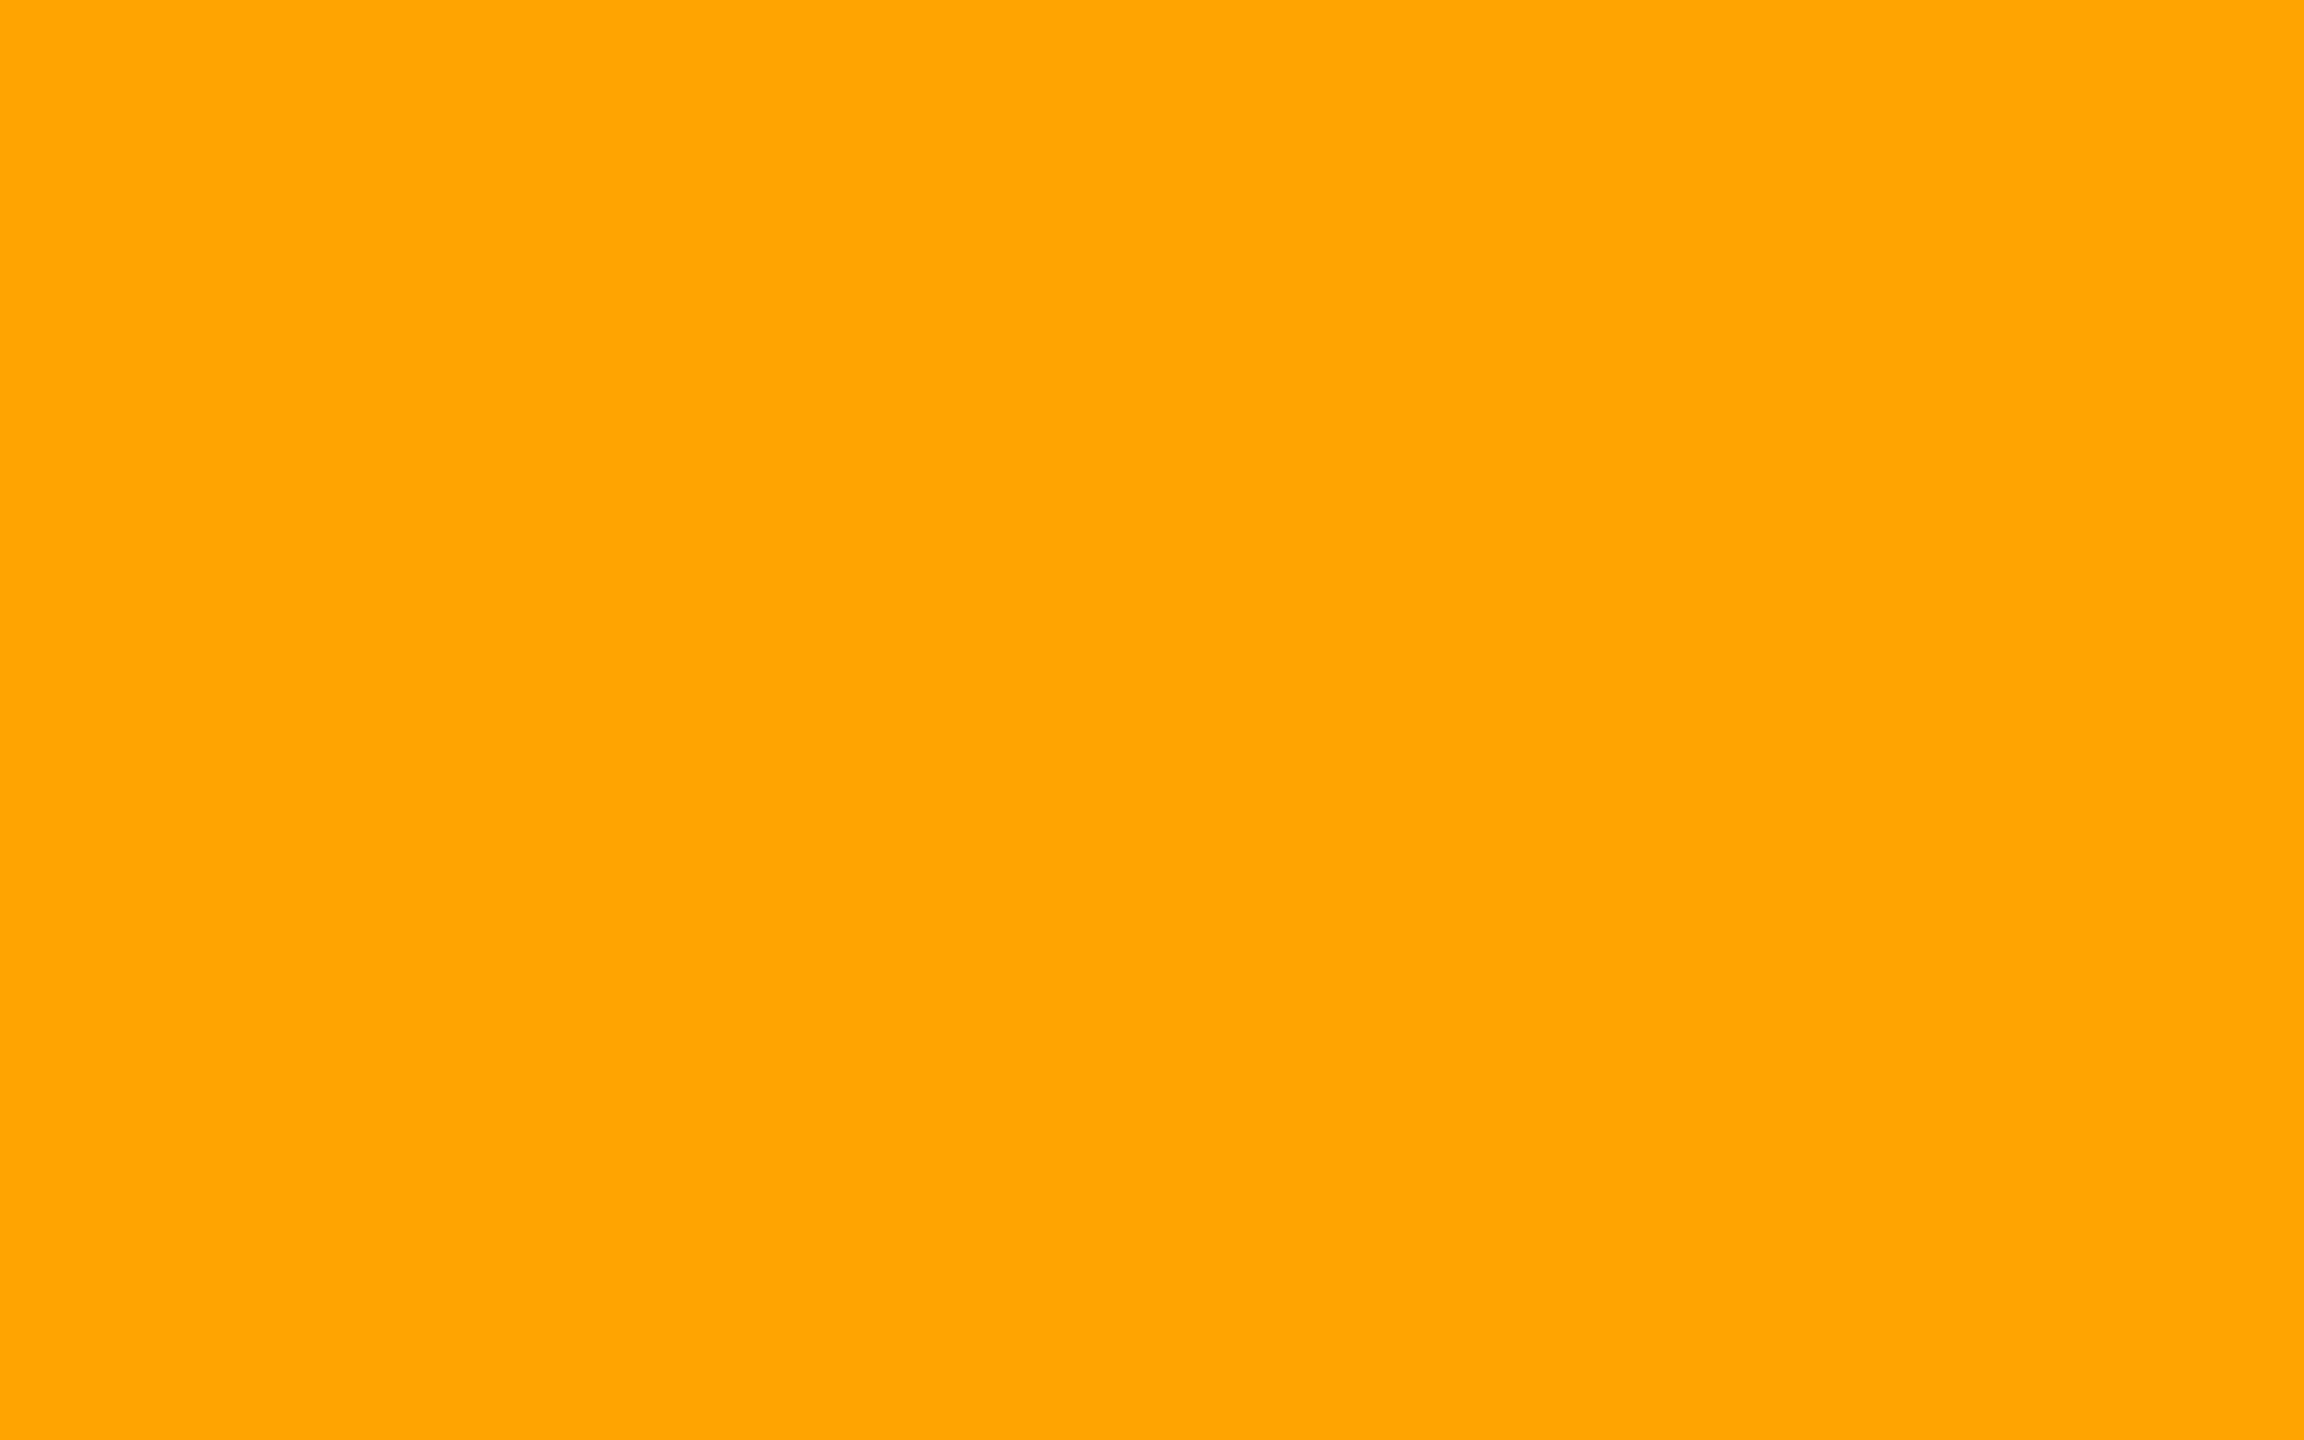 2304x1440 Orange Web Solid Color Background